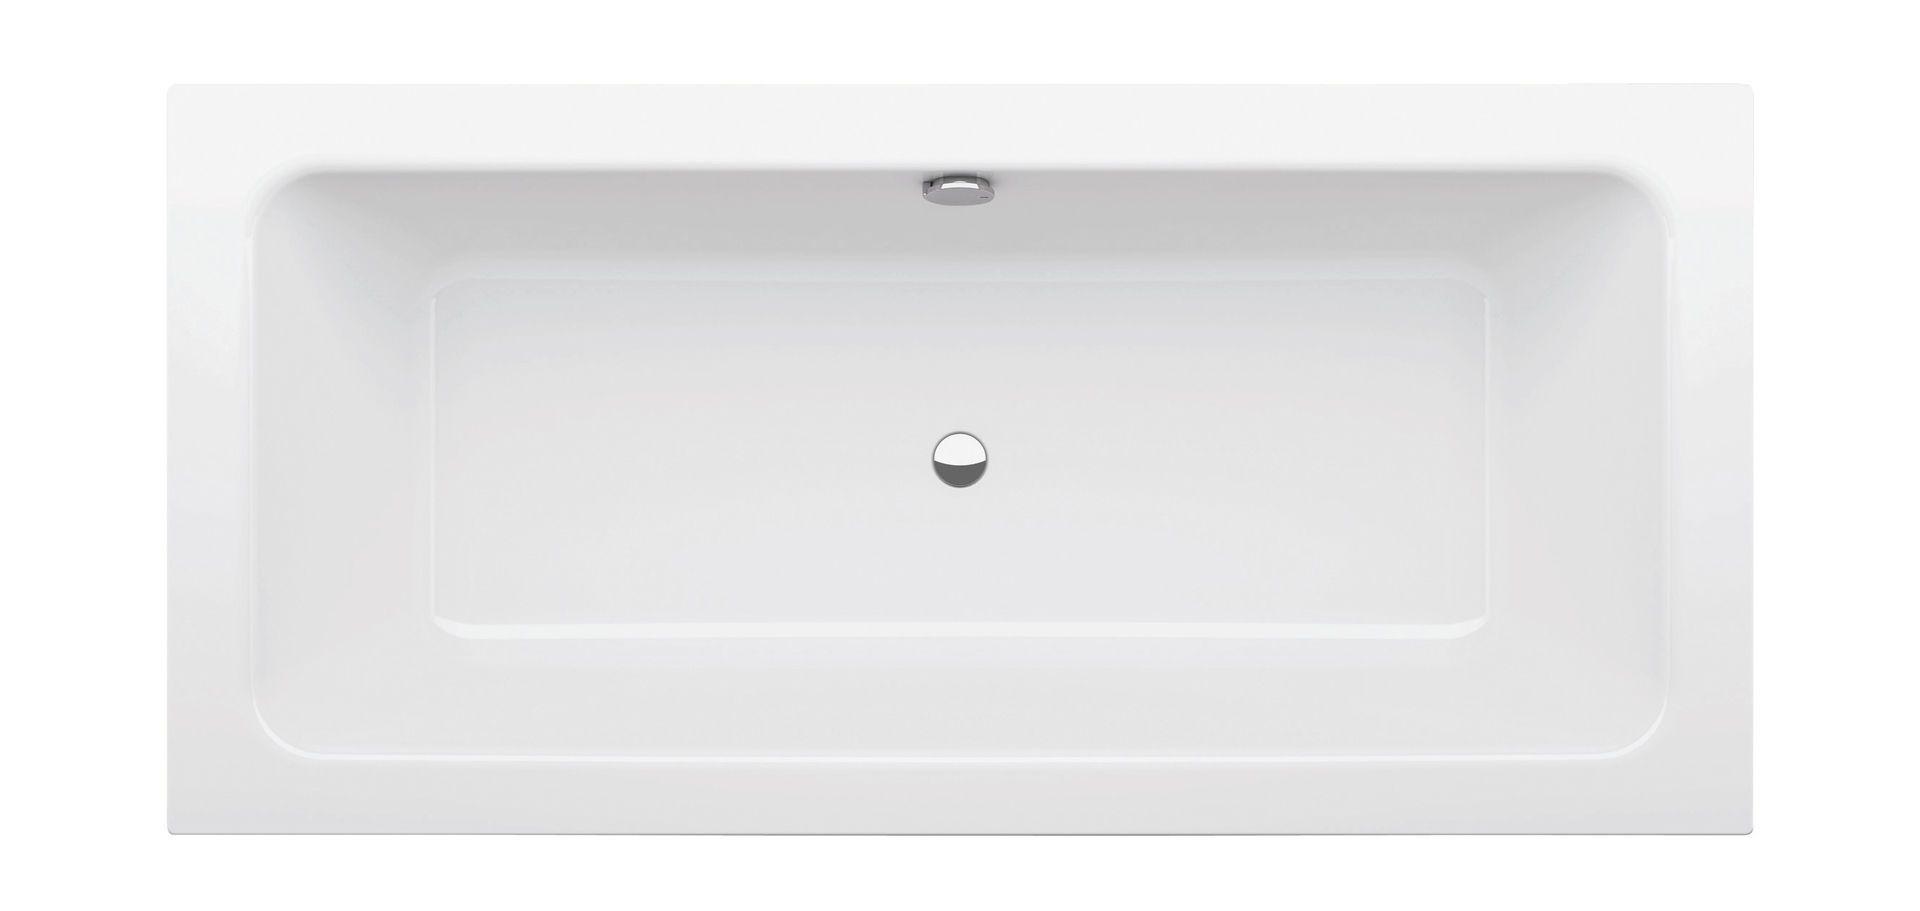 Full Size of Badewanne Bette Badewannen Ais Onlinede Amazon Betten Für übergewichtige Tagesdecken Mit Stauraum Floor Hohe Schlafzimmer Treca Mädchen 90x200 Bett Badewanne Bette